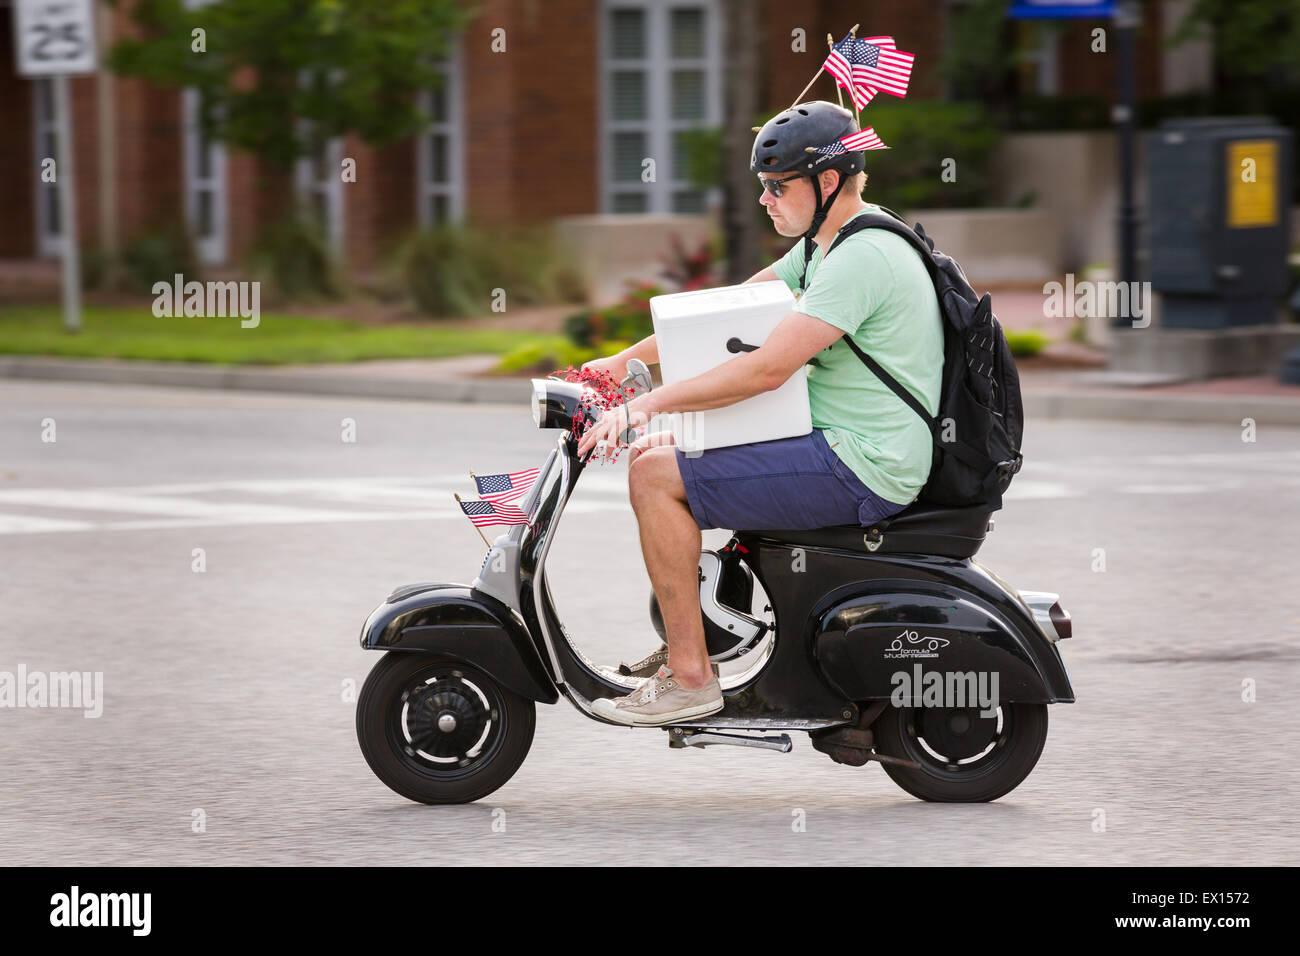 Un homme portant une glacière sur son scooter rides décorée de drapeaux américains au cours Photo Stock